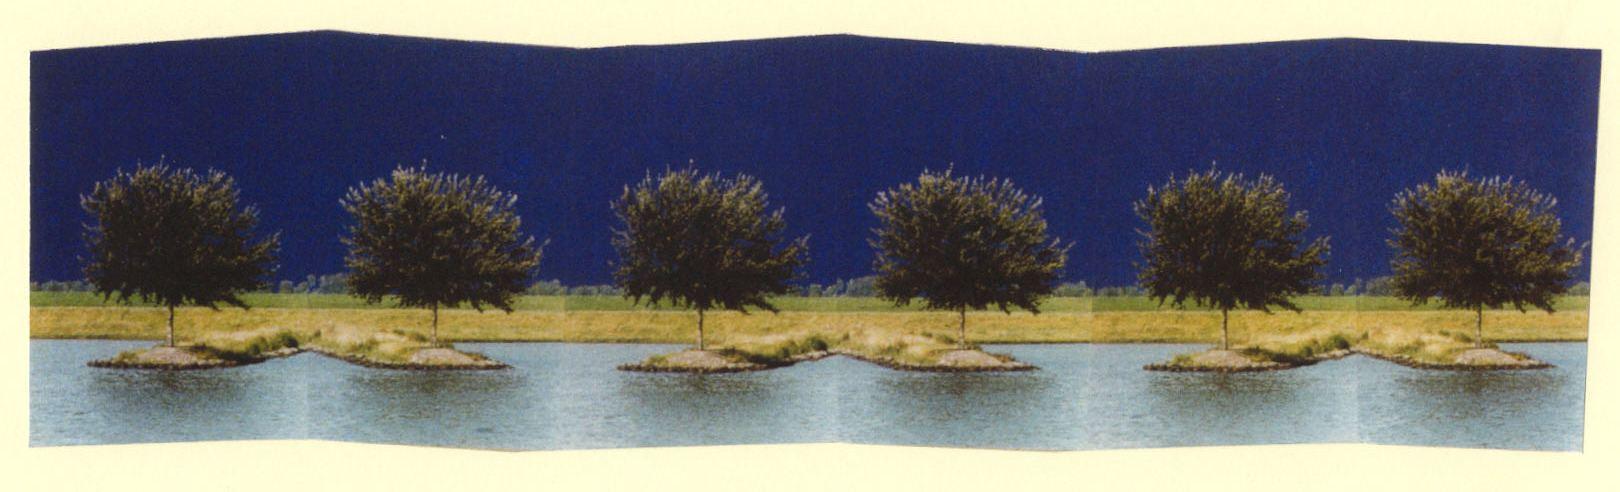 1999-In de roes van het ritme- foto's, lak, 47x165cm